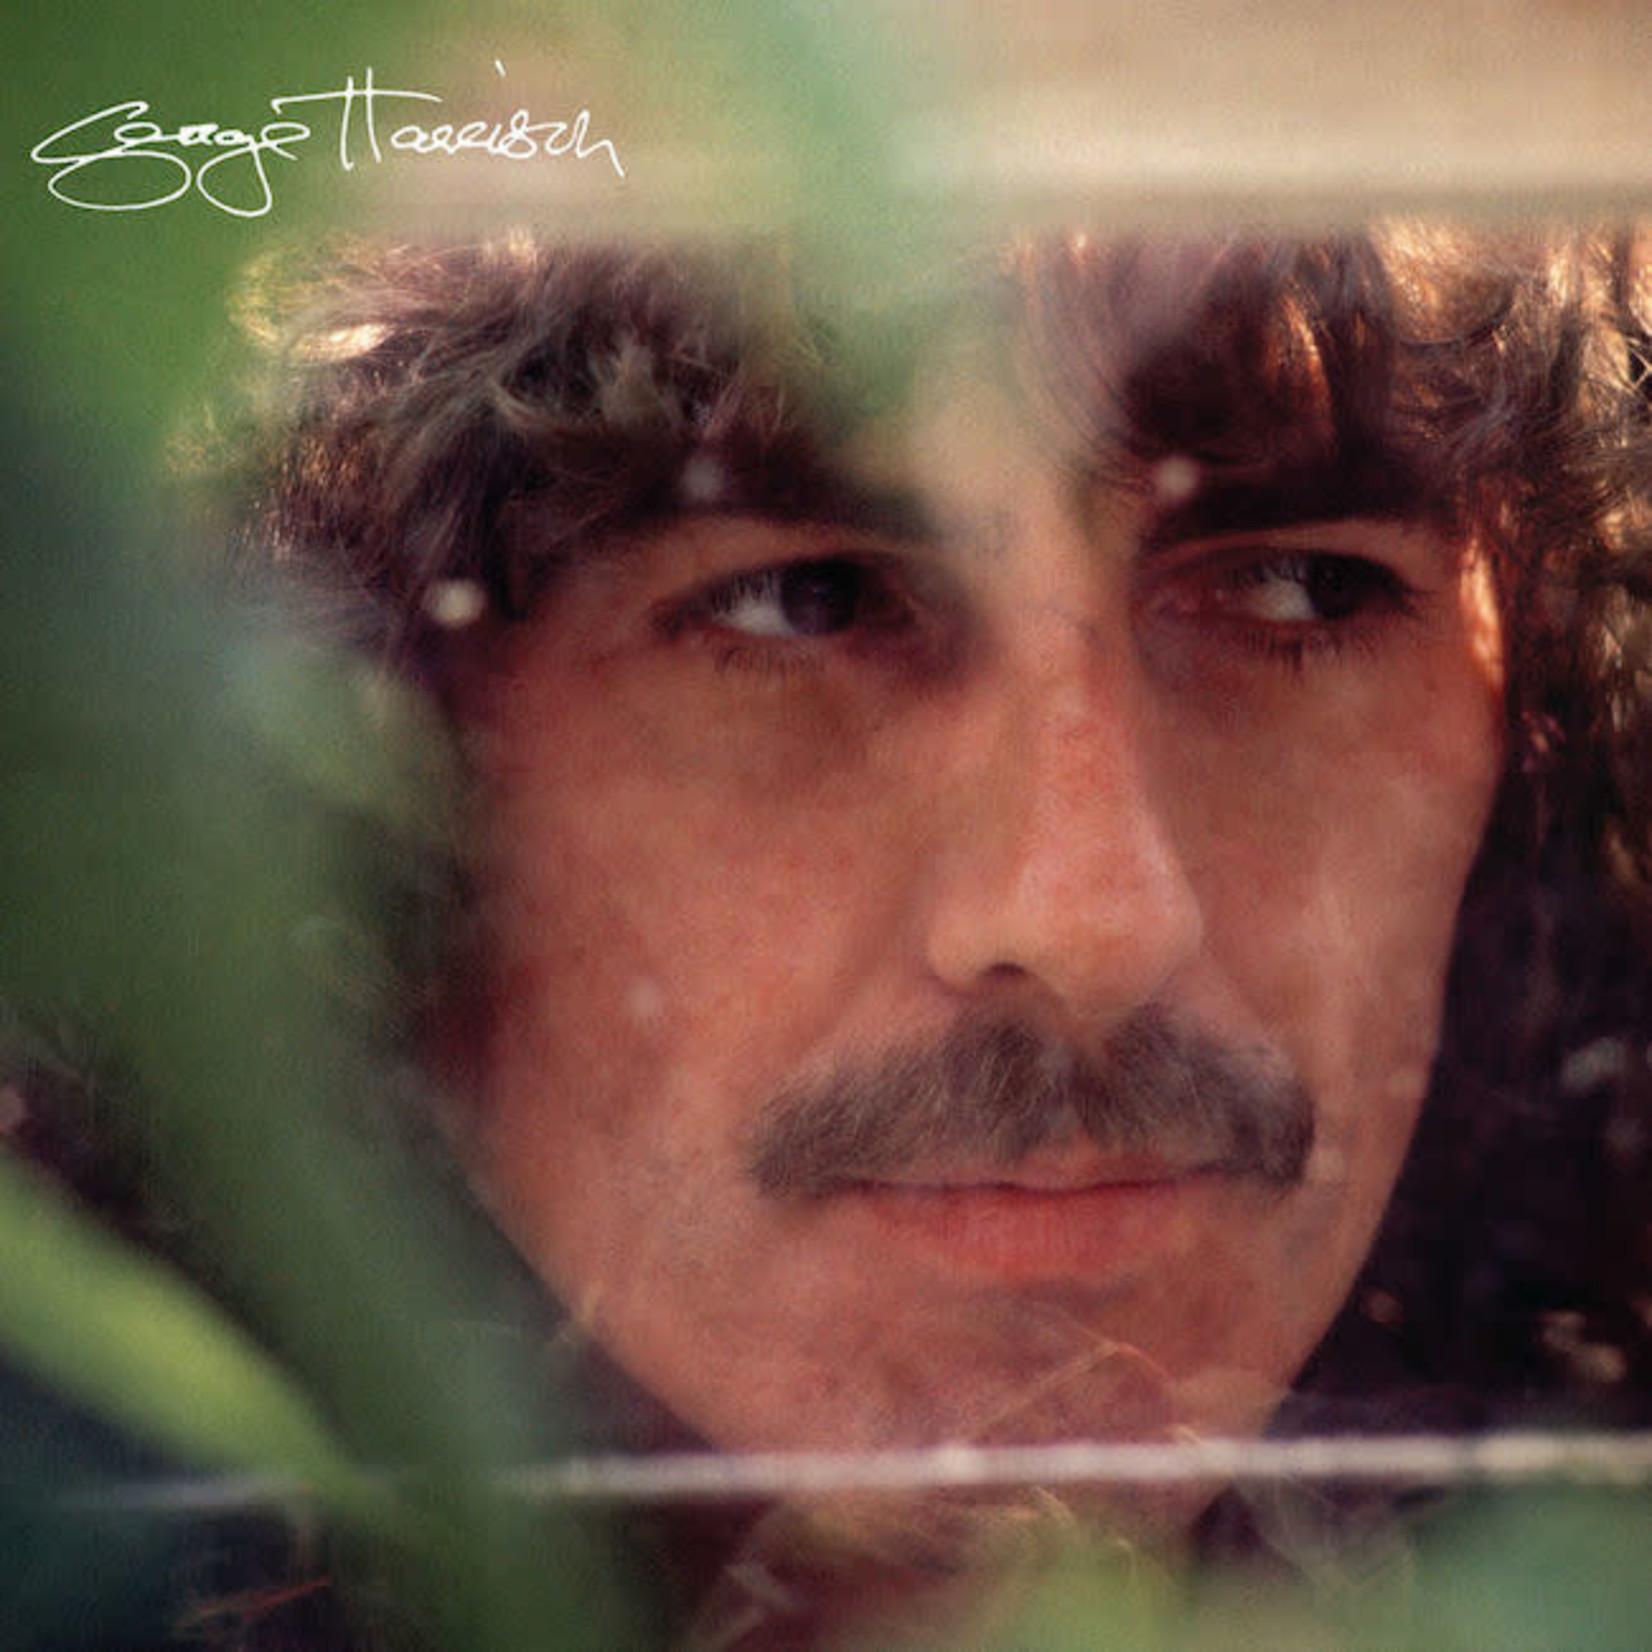 [Vintage] Harrison, George (Beatles): self-titled